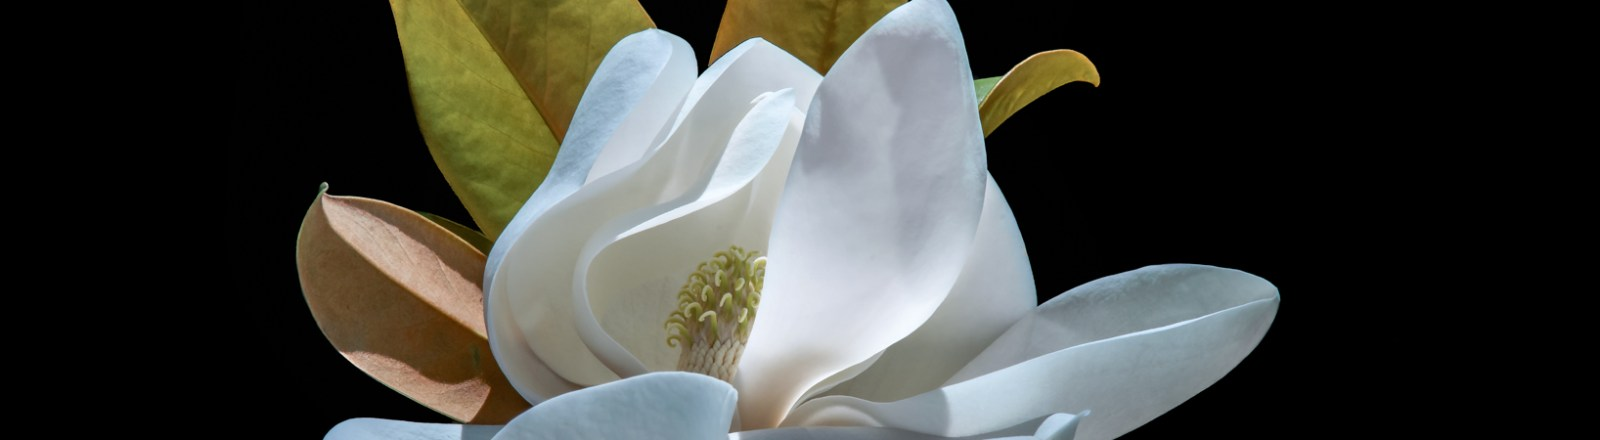 Seven Magnolia Blooms